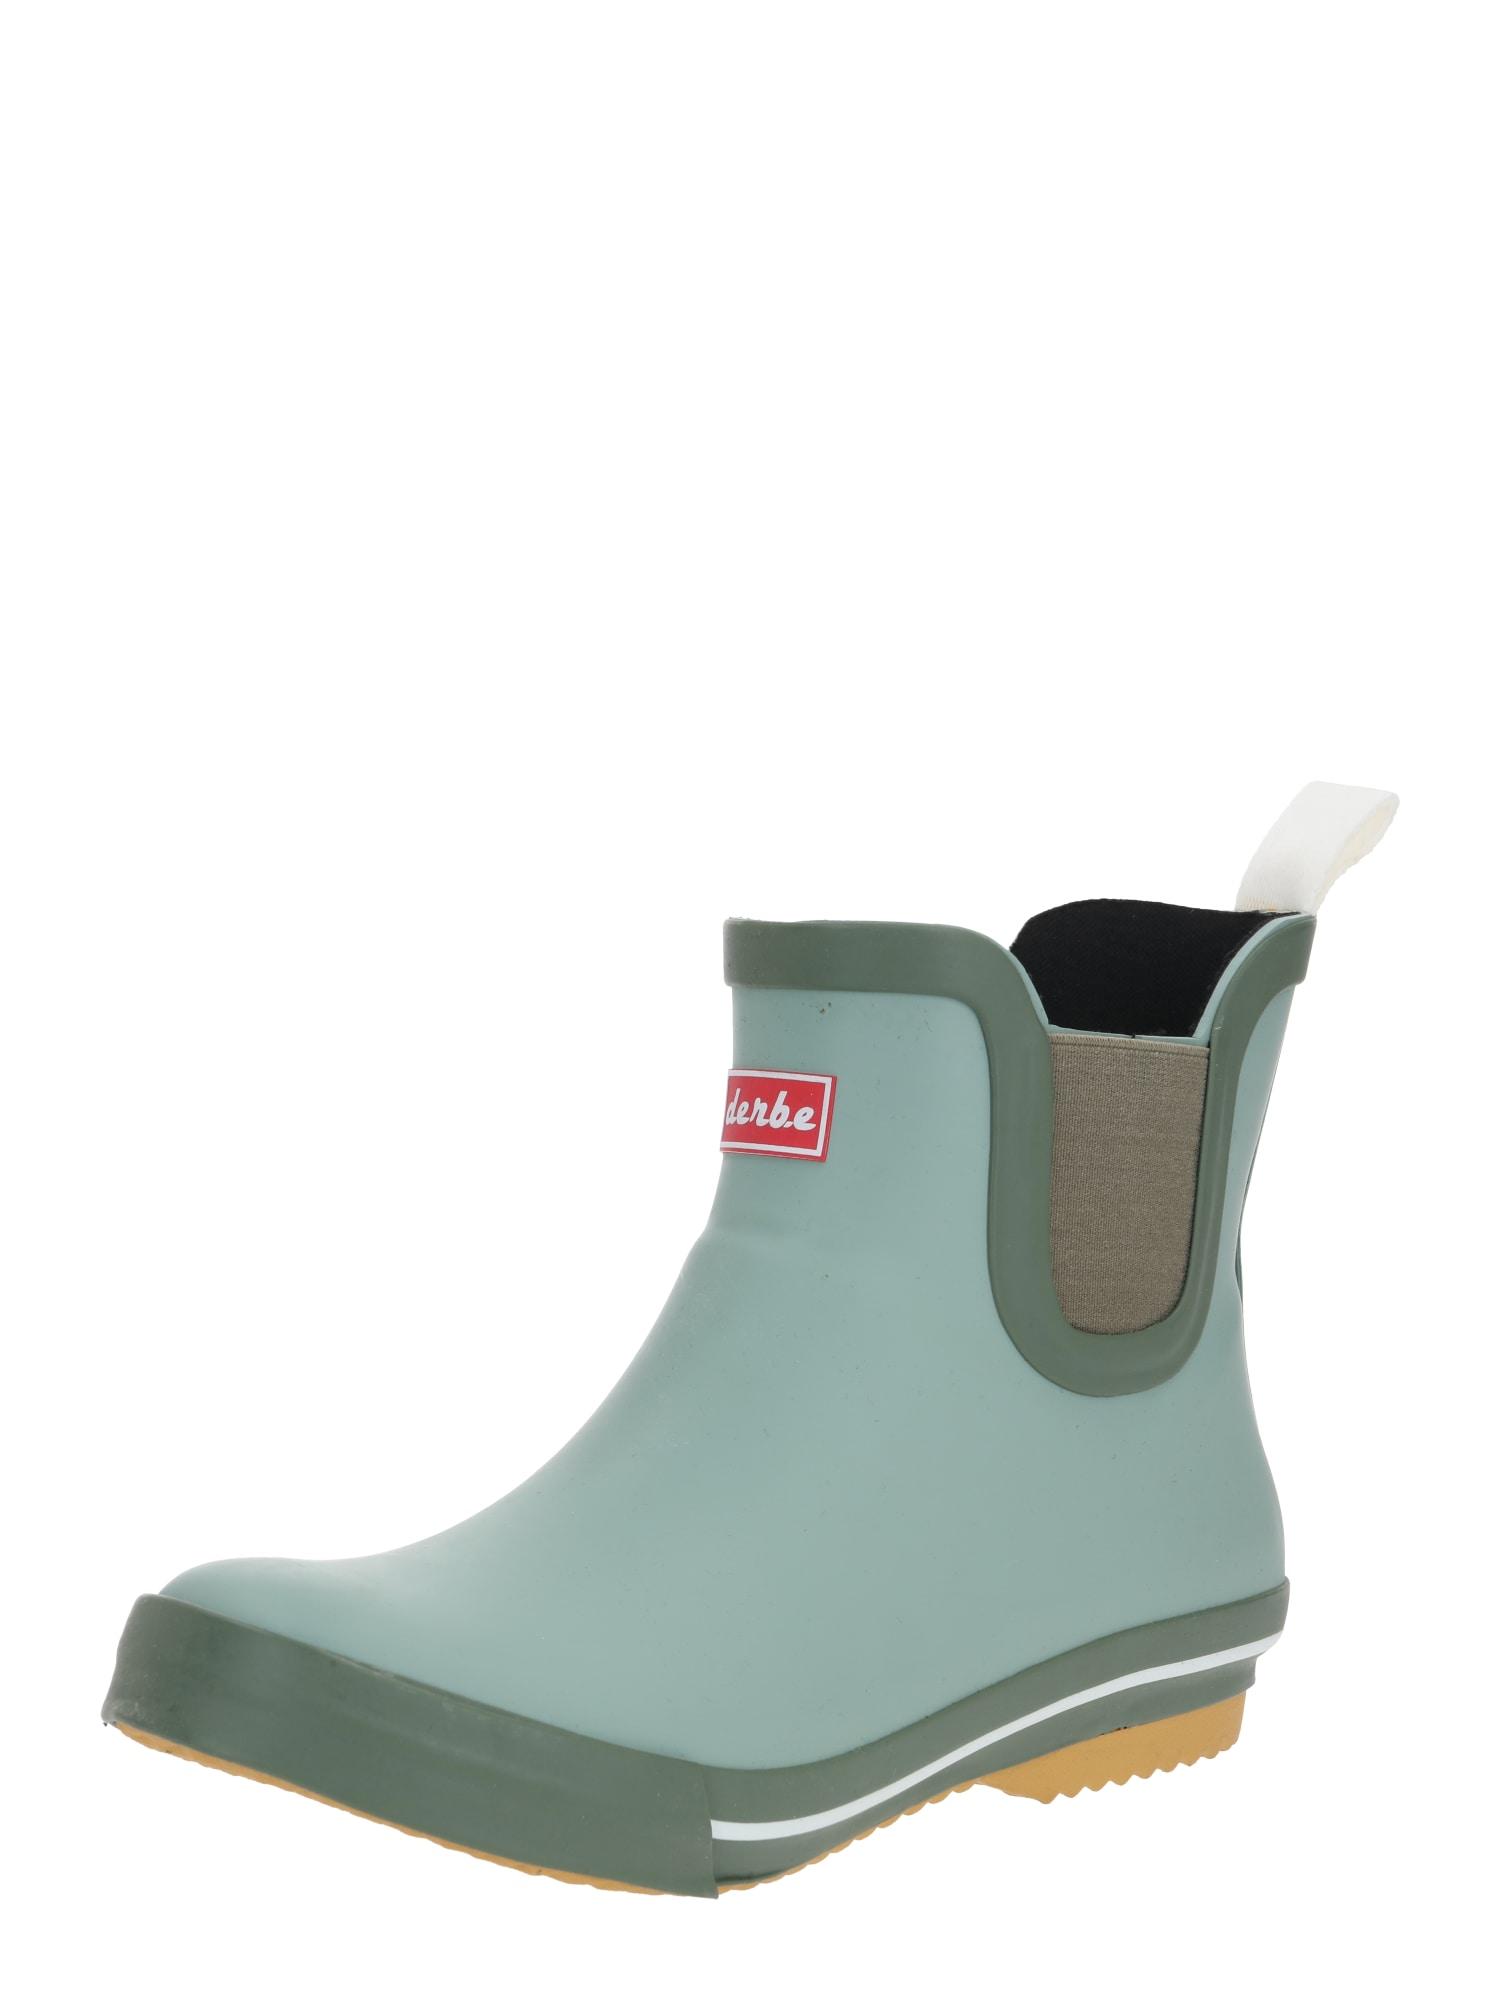 Derbe Guminiai batai 'Wattpuuschen' šviesiai žalia